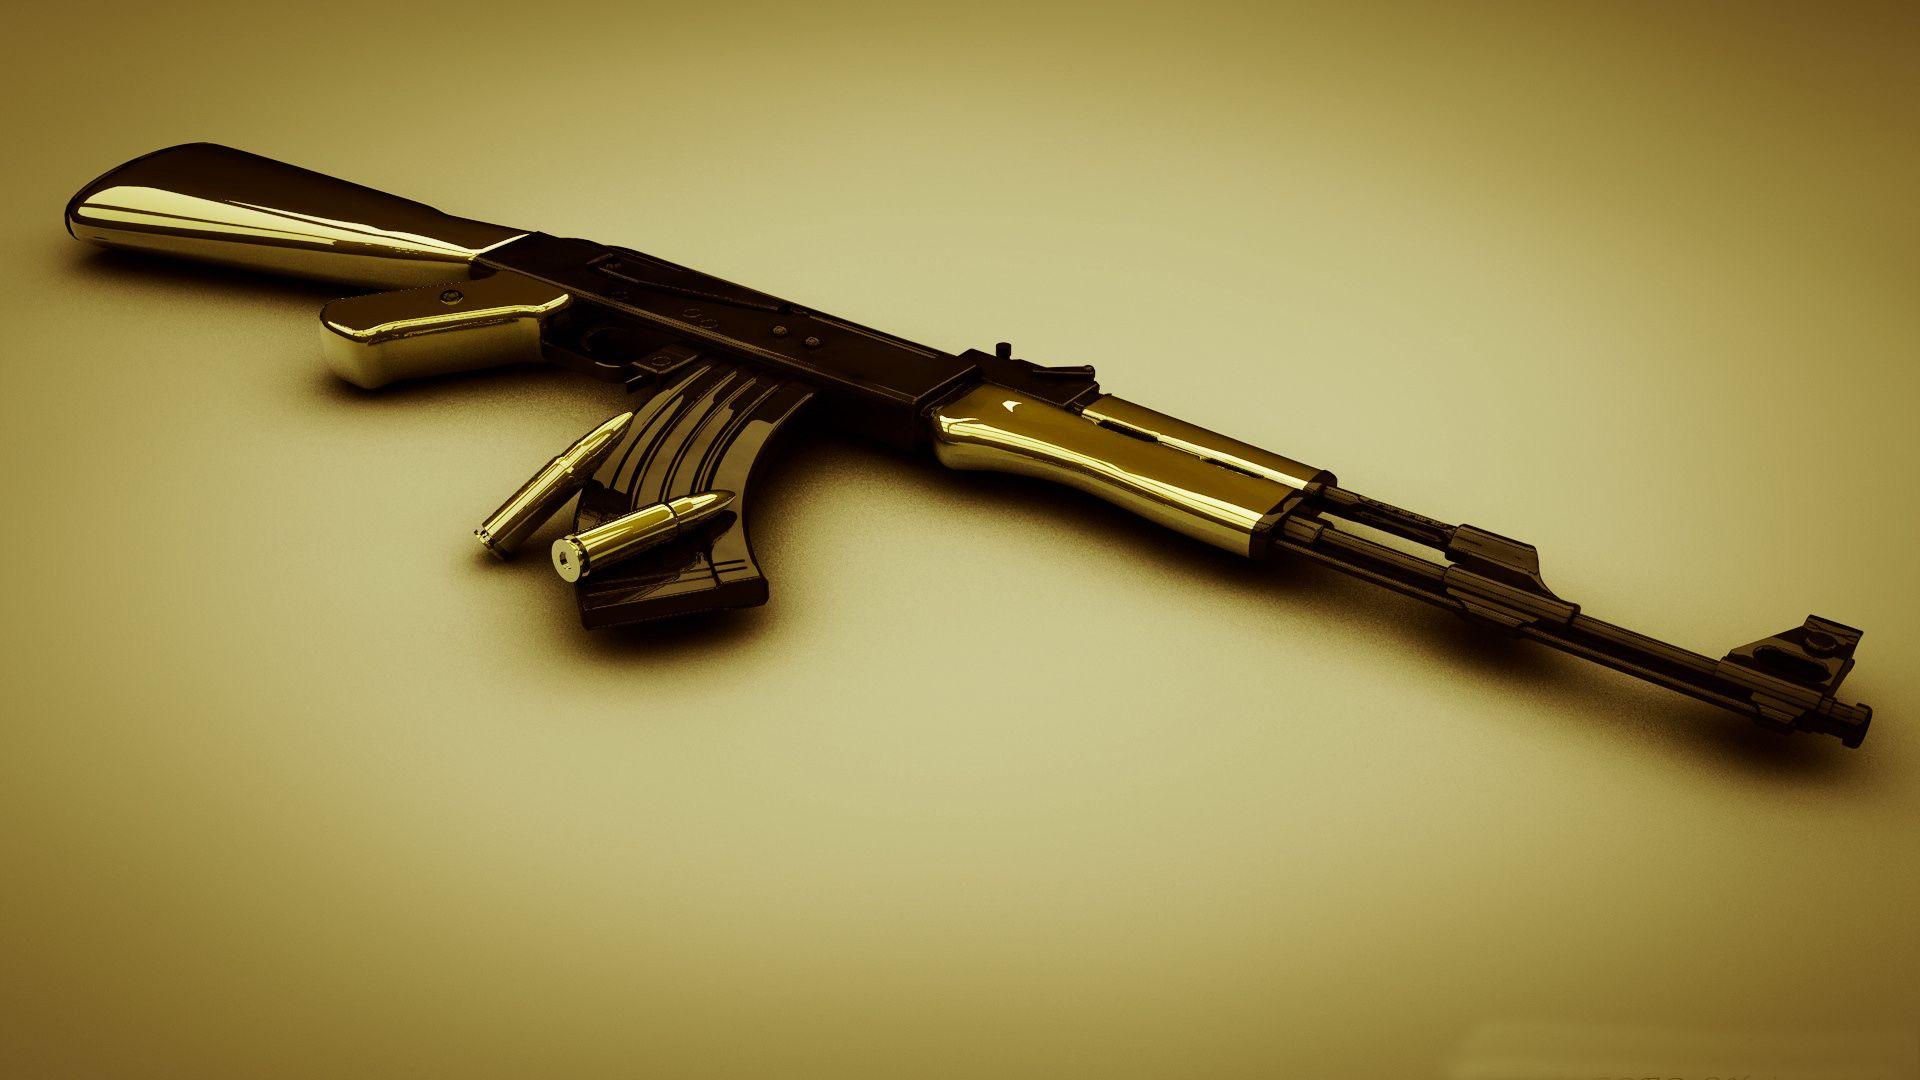 AK 47 HD Wallpaper | Art | Pinterest | AK 47 and Wallpaper